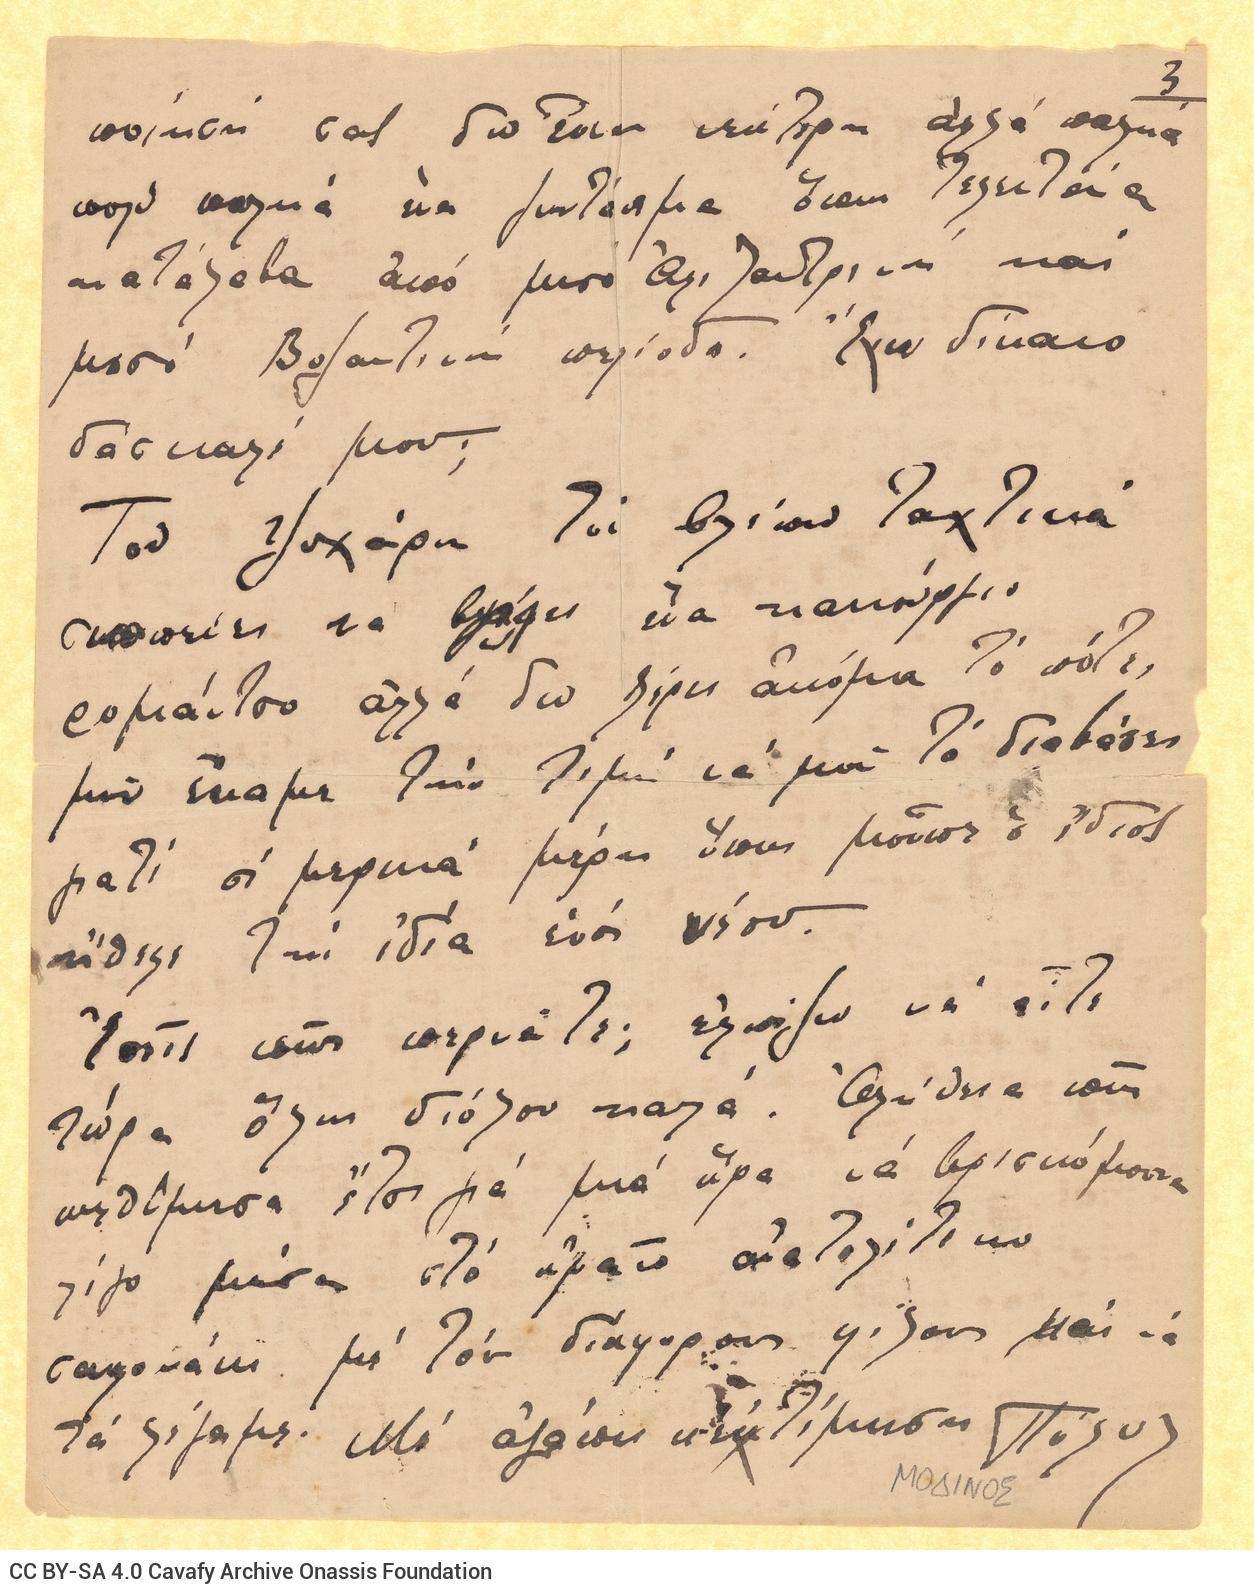 Χειρόγραφη επιστολή του Πόλυ Μοδινού προς τον Καβάφη, σε τρία φύλλα �